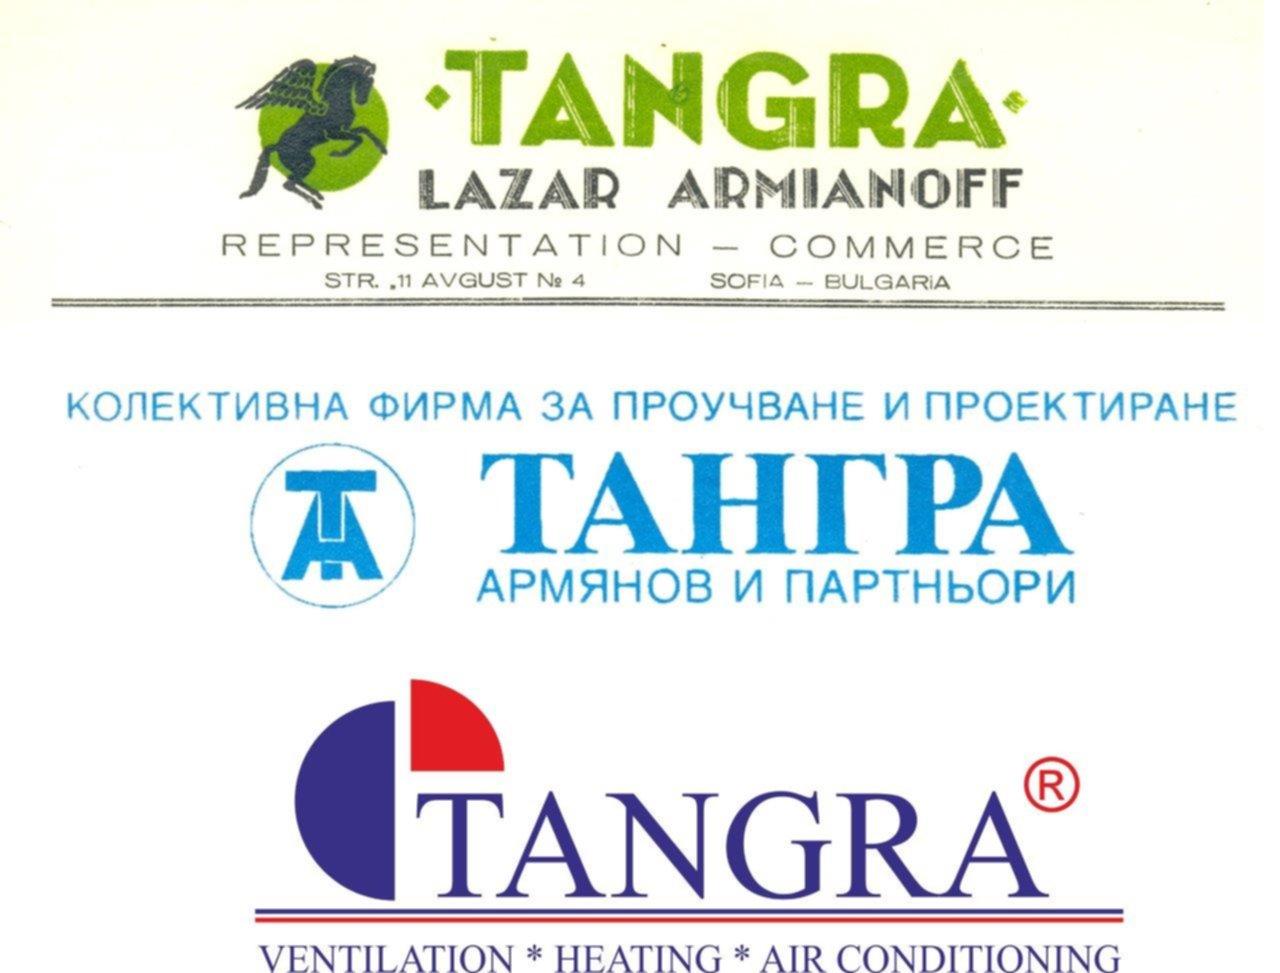 logo-history-tangra